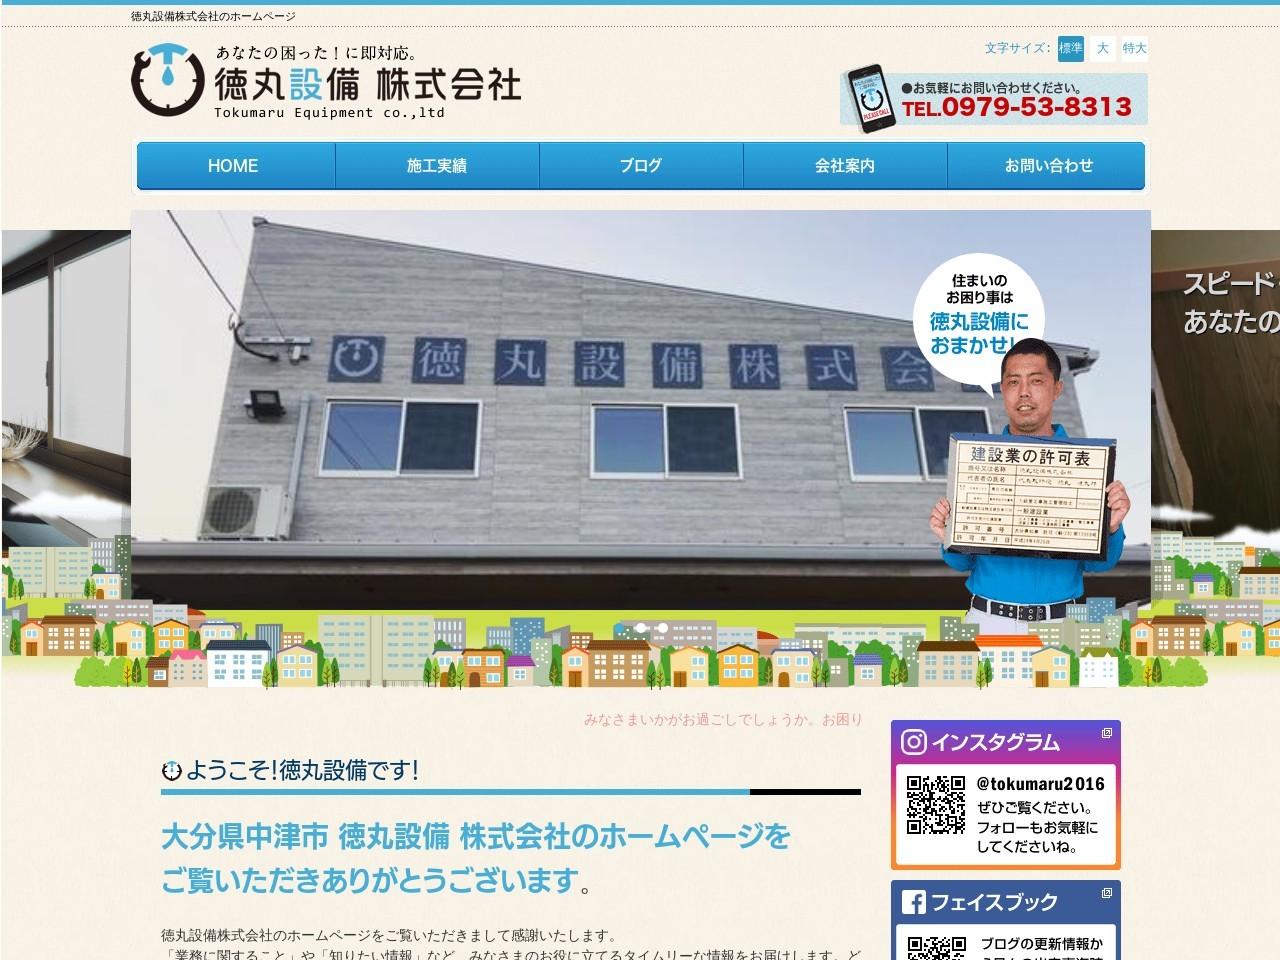 徳丸設備株式会社